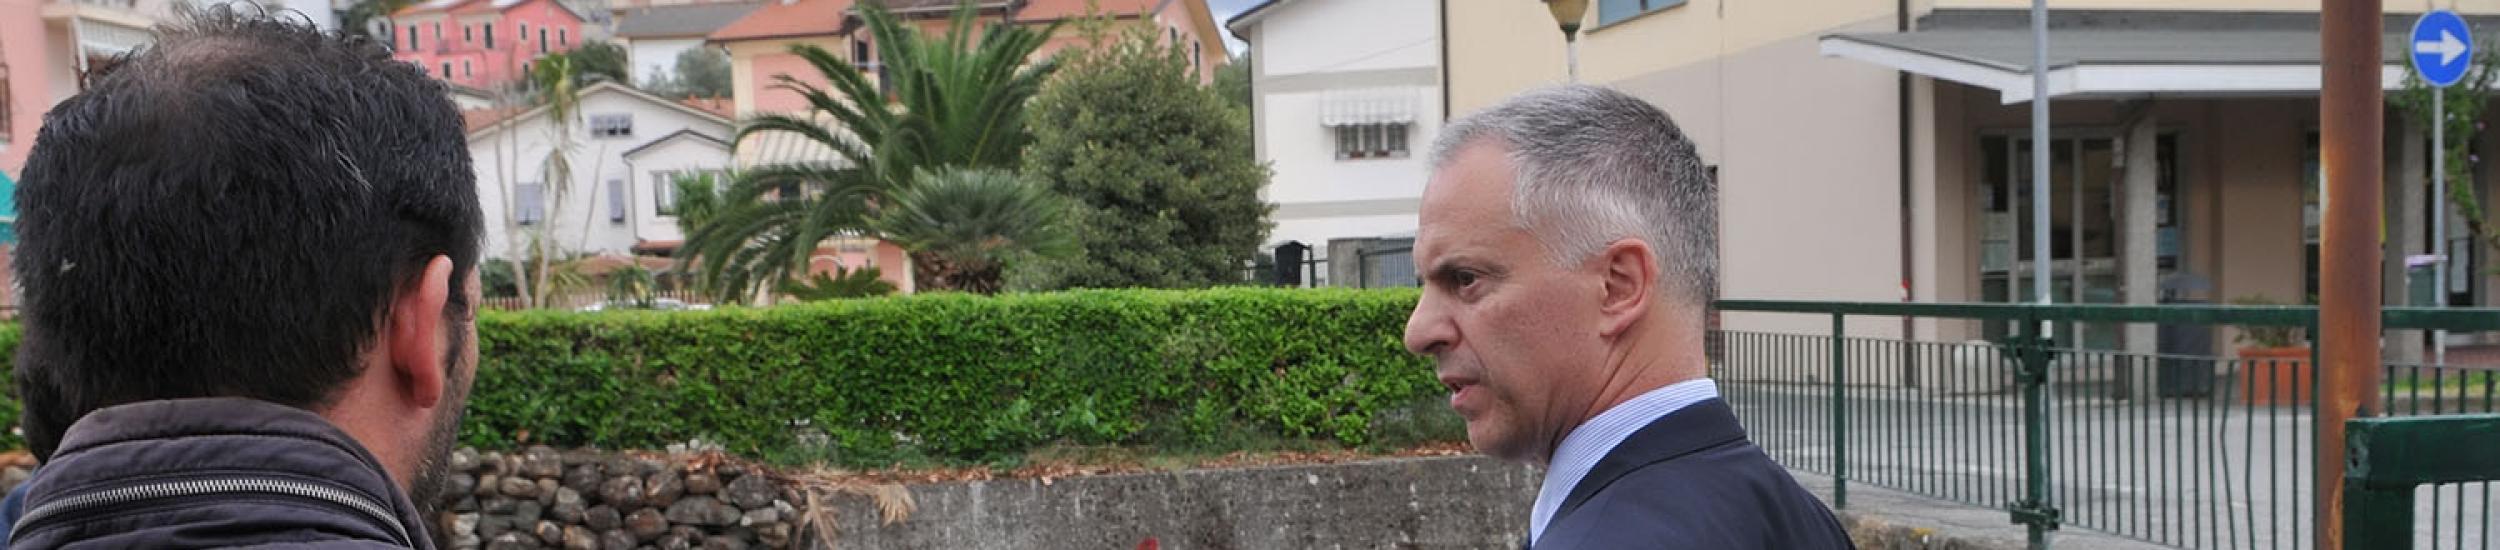 News: Alleanze sulla difesa del suolo e il recupero degli oliveti propone marco doria ai sindaci della val petronio